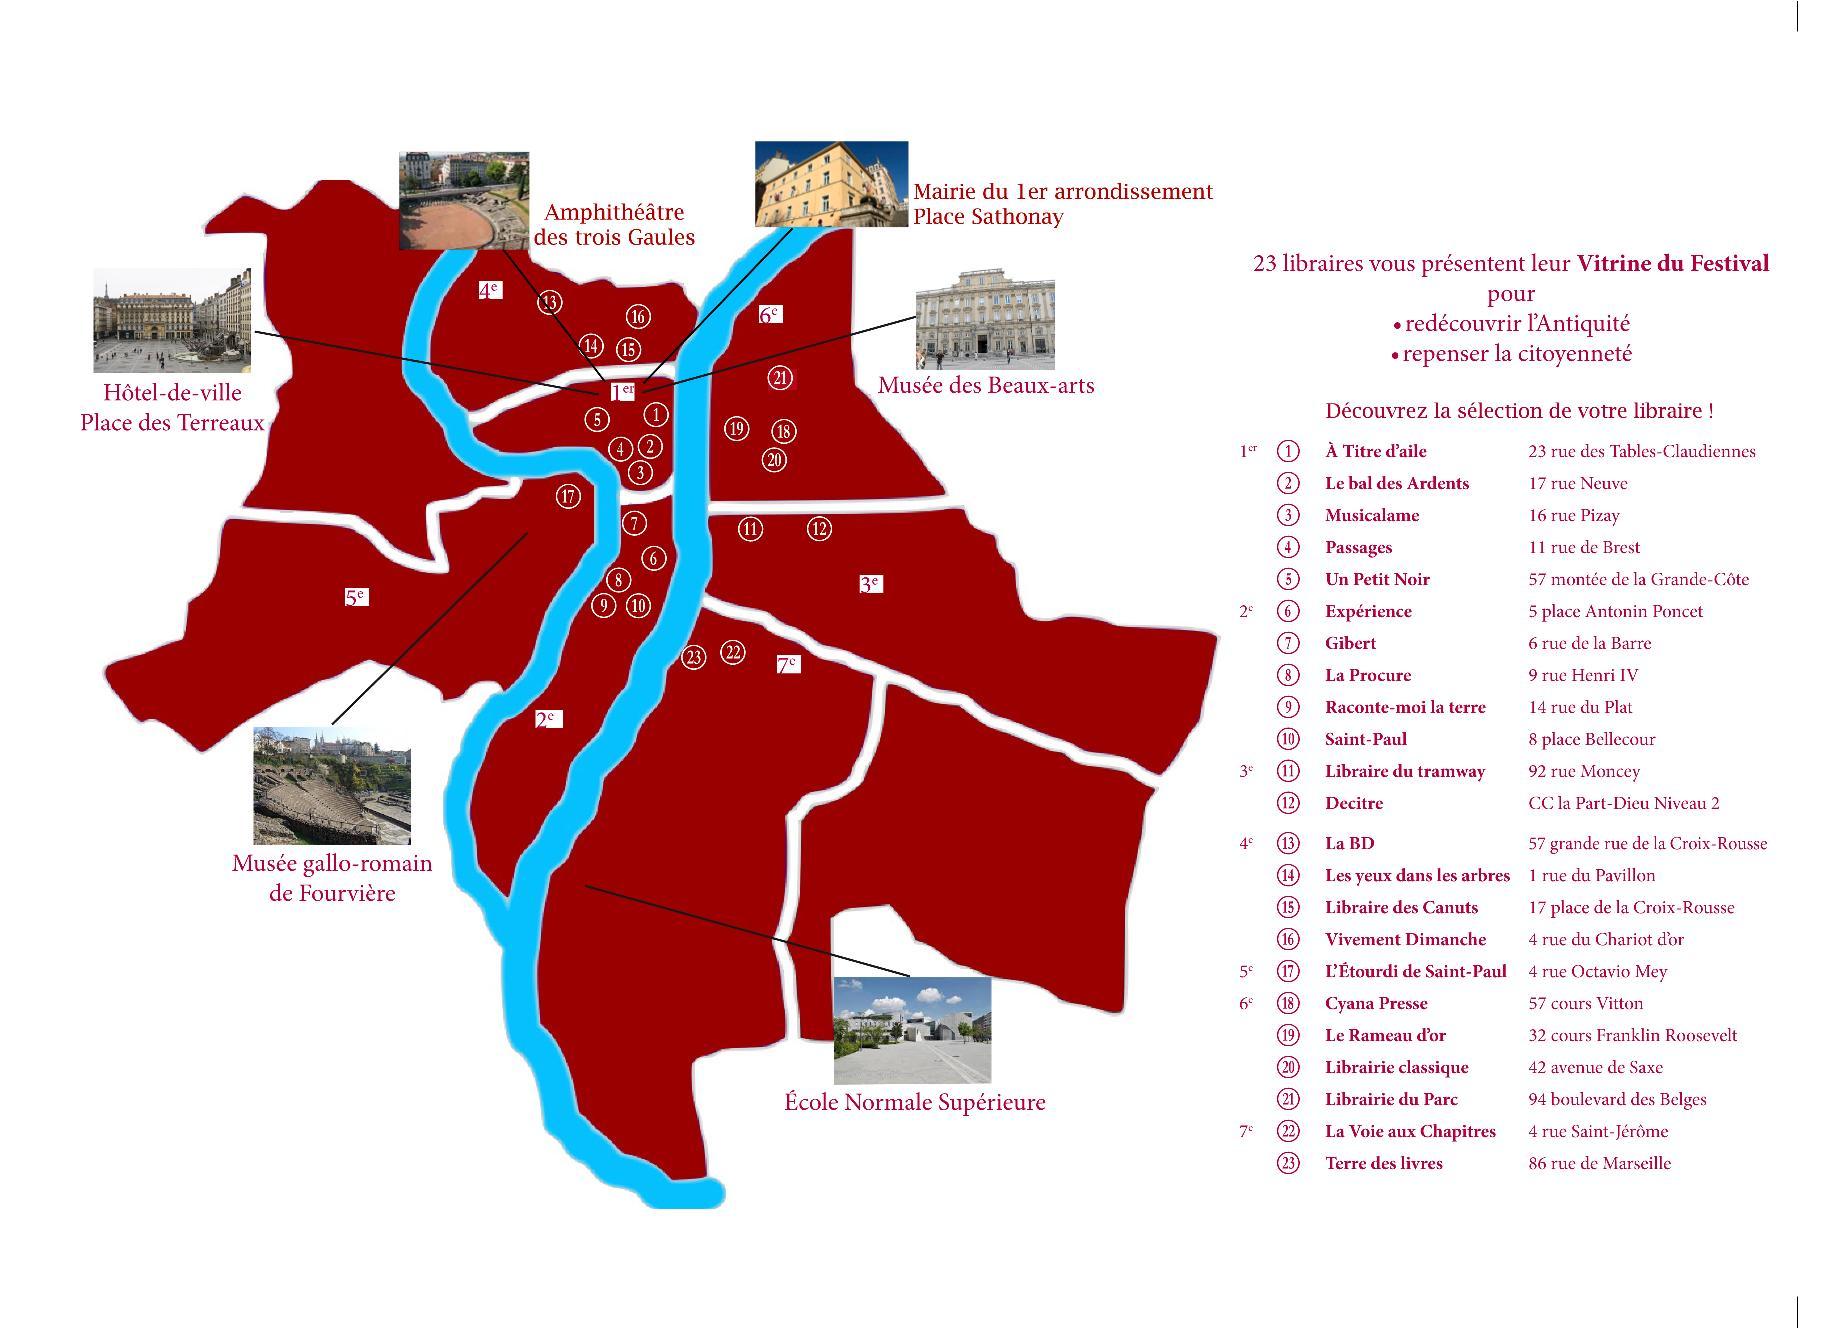 carte-des-vitrines-du-festival-page-001-1